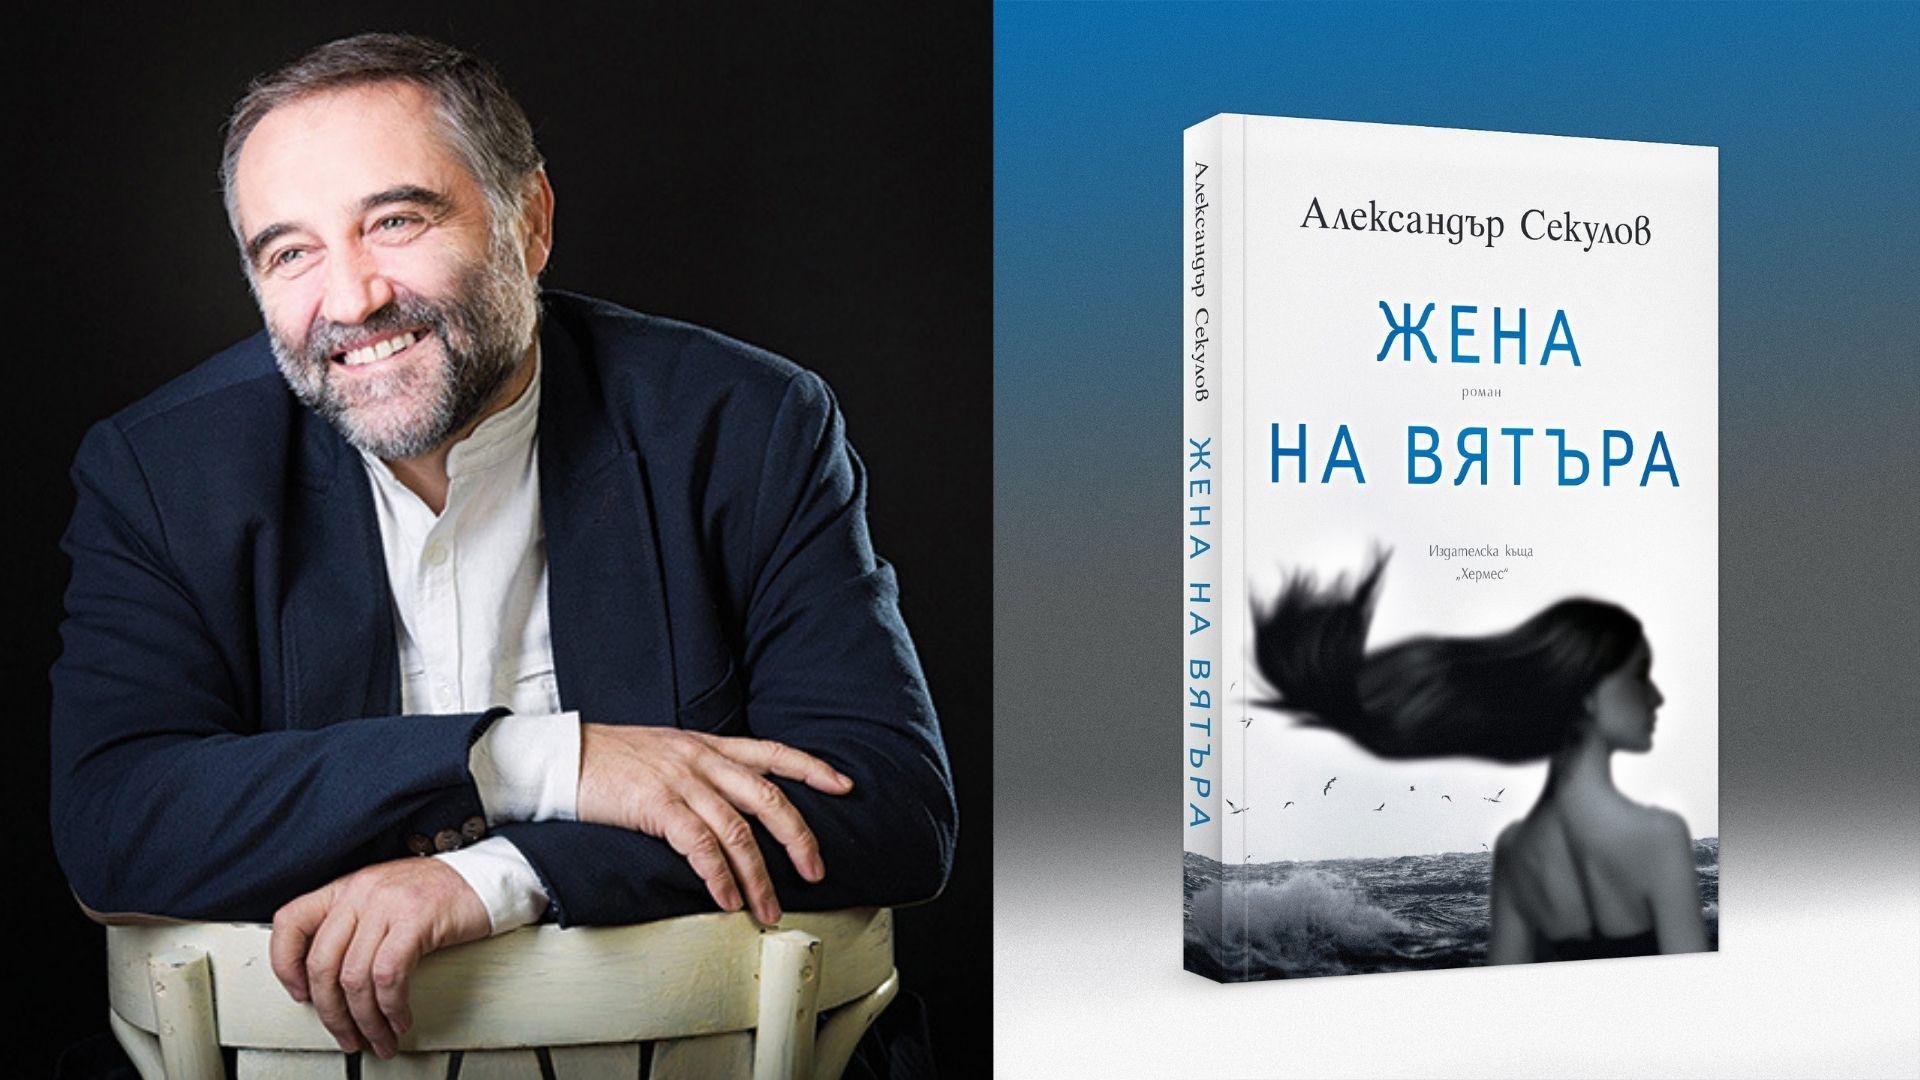 Човек е раковина, в която морето сънува - интервю с Александър Секулов